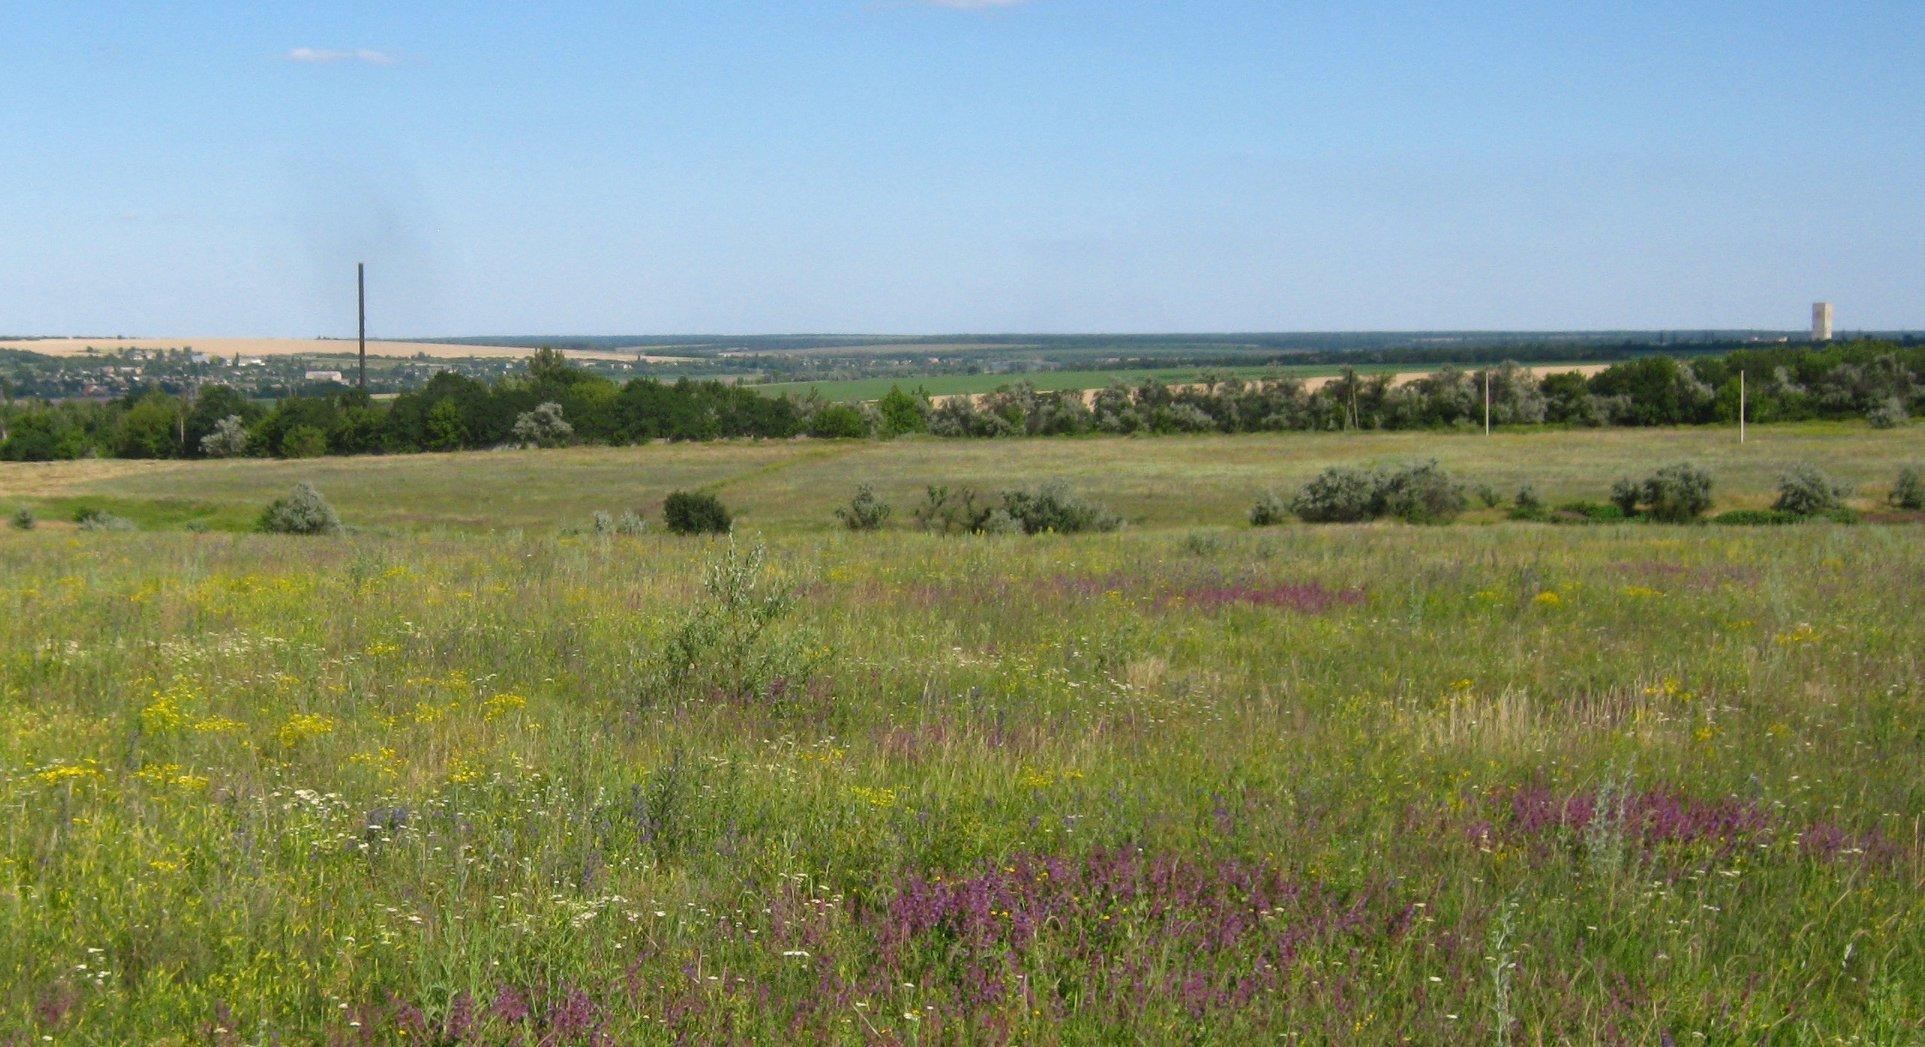 степ зелена трава дика рослинність природний ландшафт